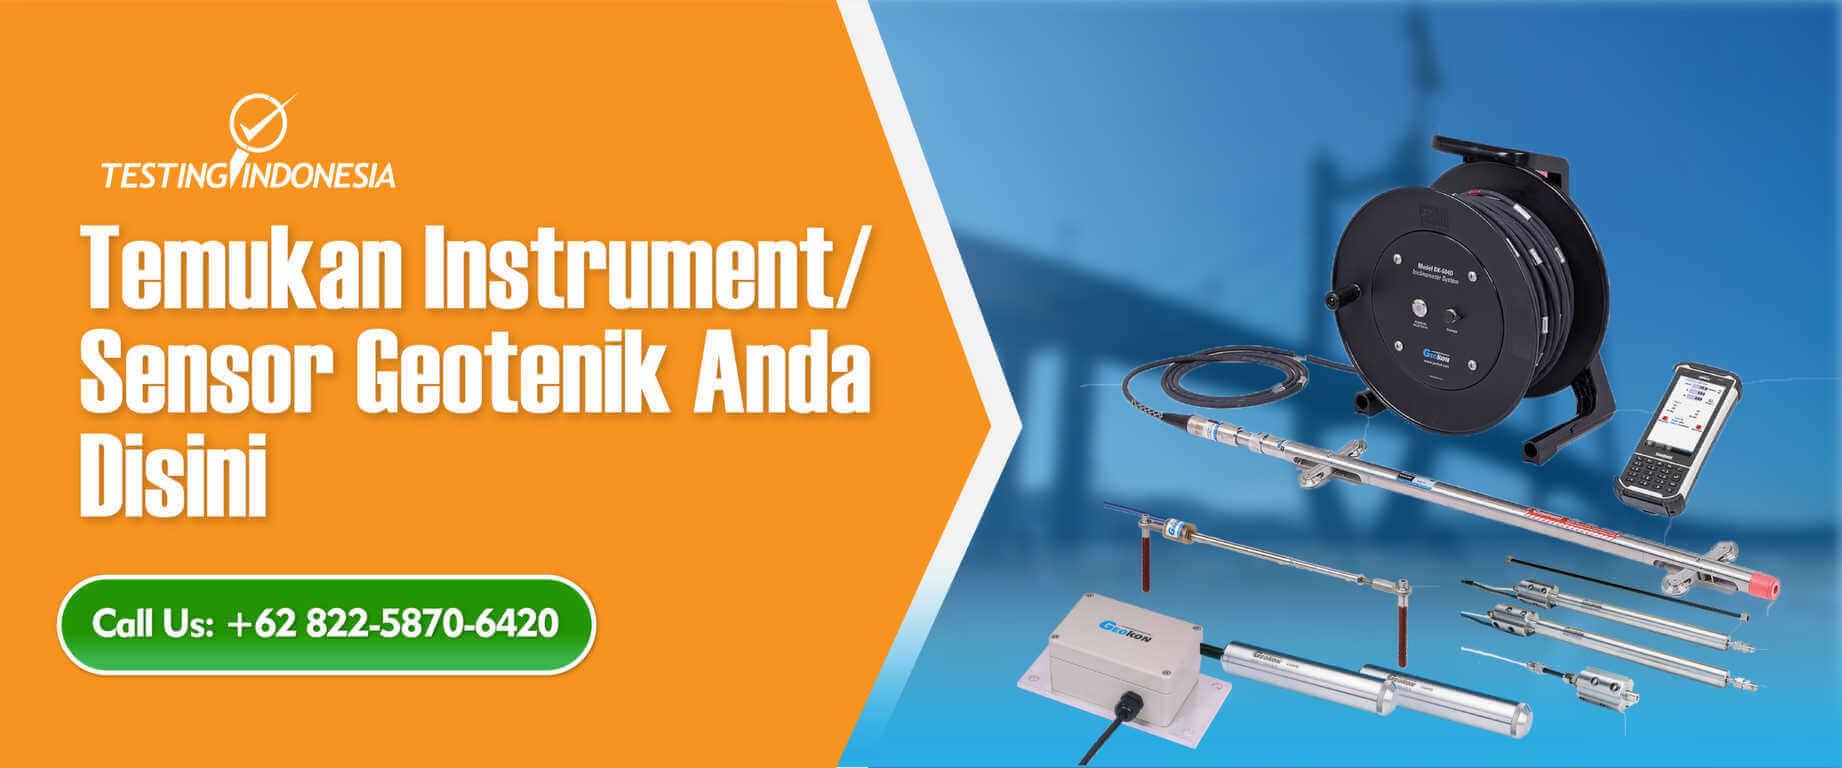 banner instrument geoteknik